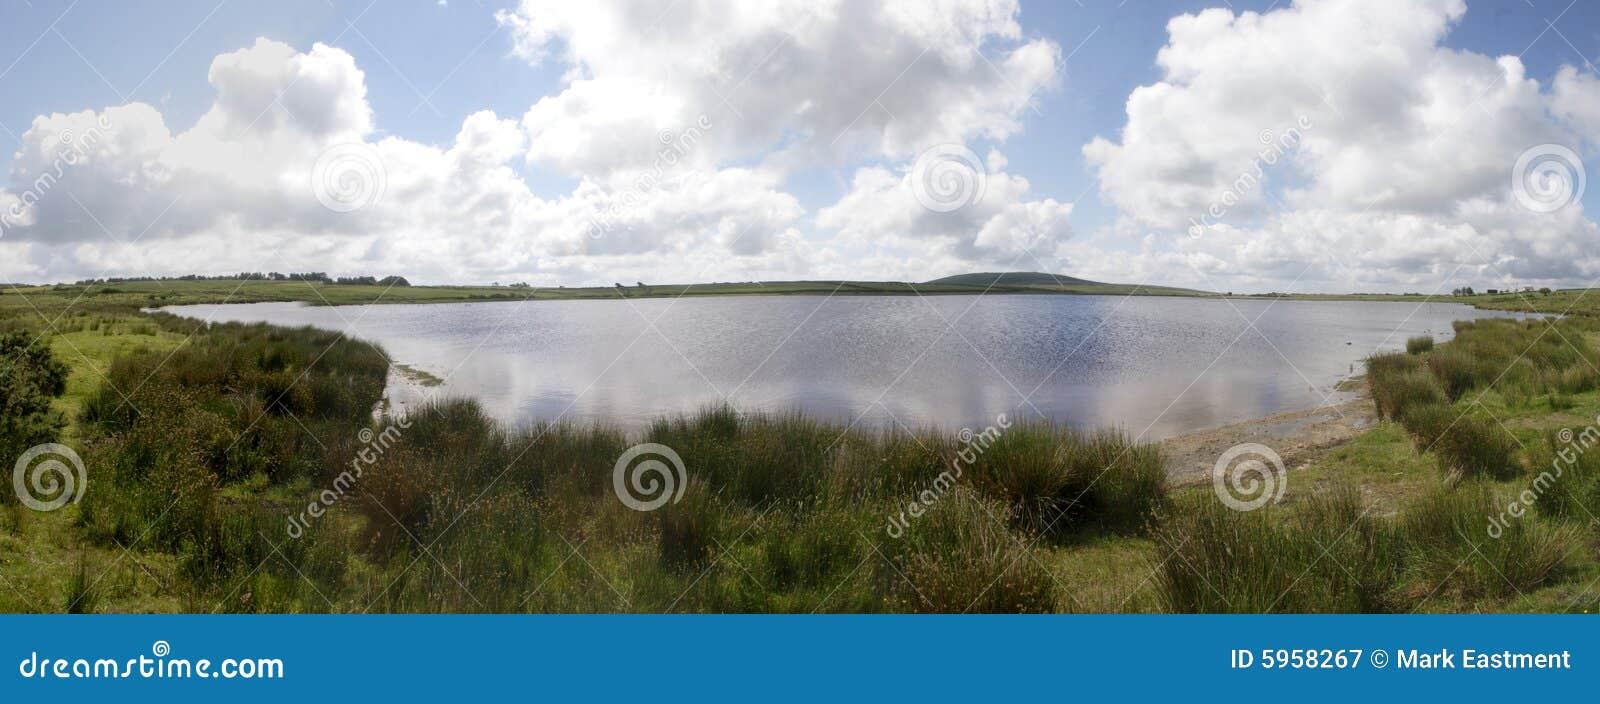 Bodmin moor dozmary basen Kornwalii